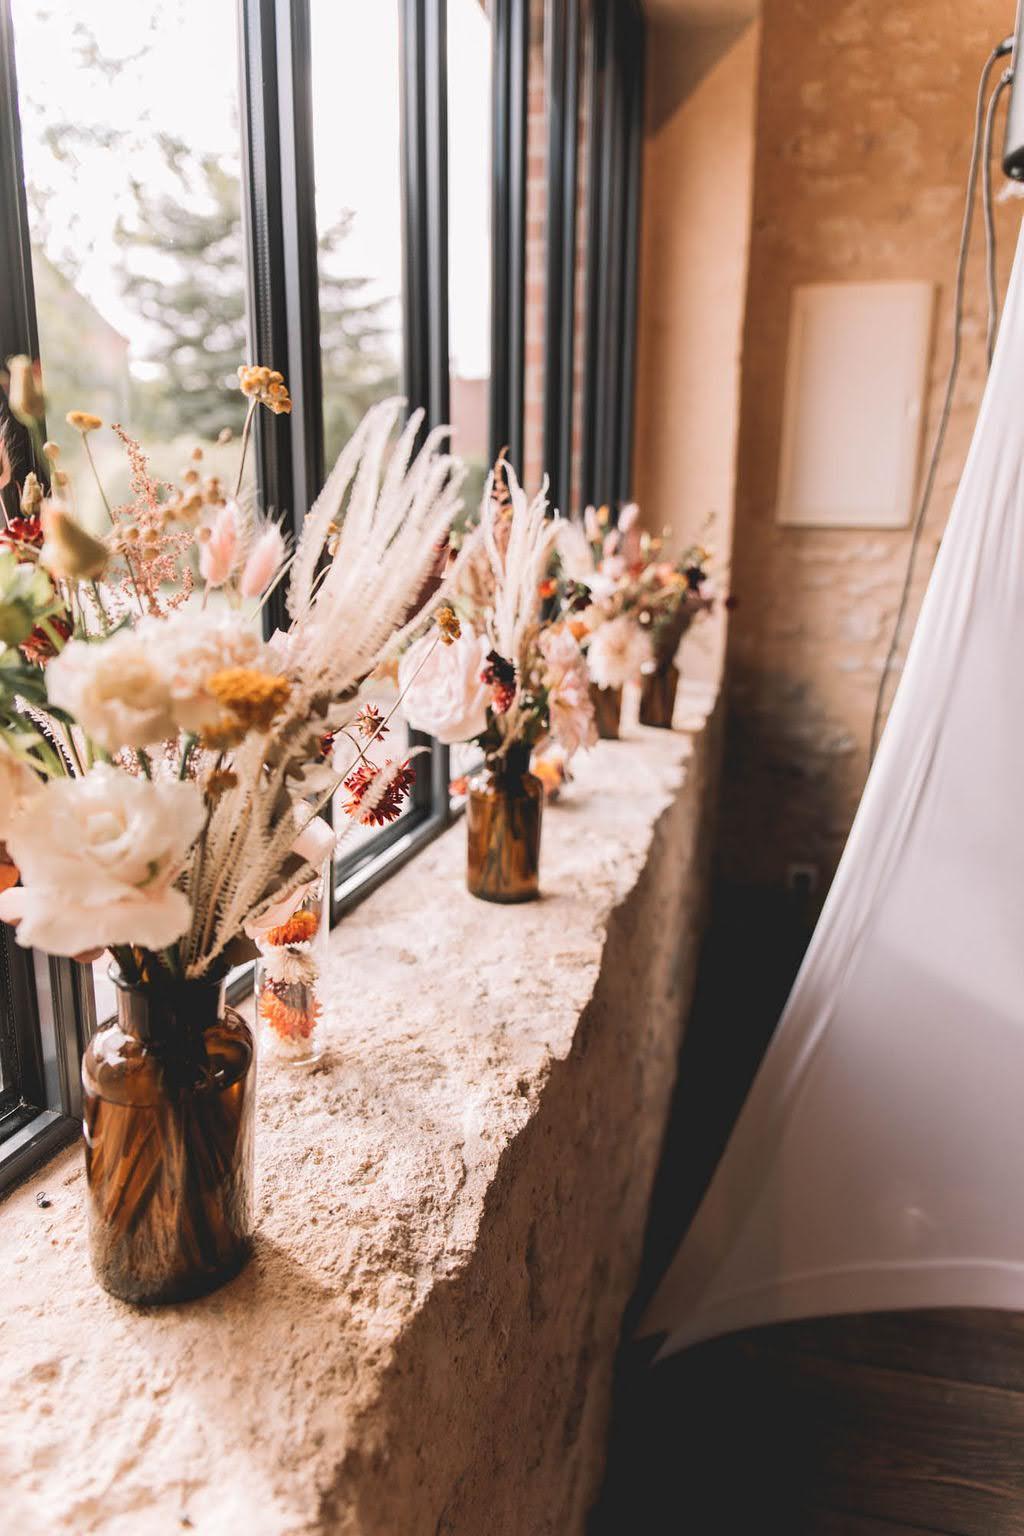 Heloise-Julien_lesbandits_BD352reflets-fleurs-vexin-